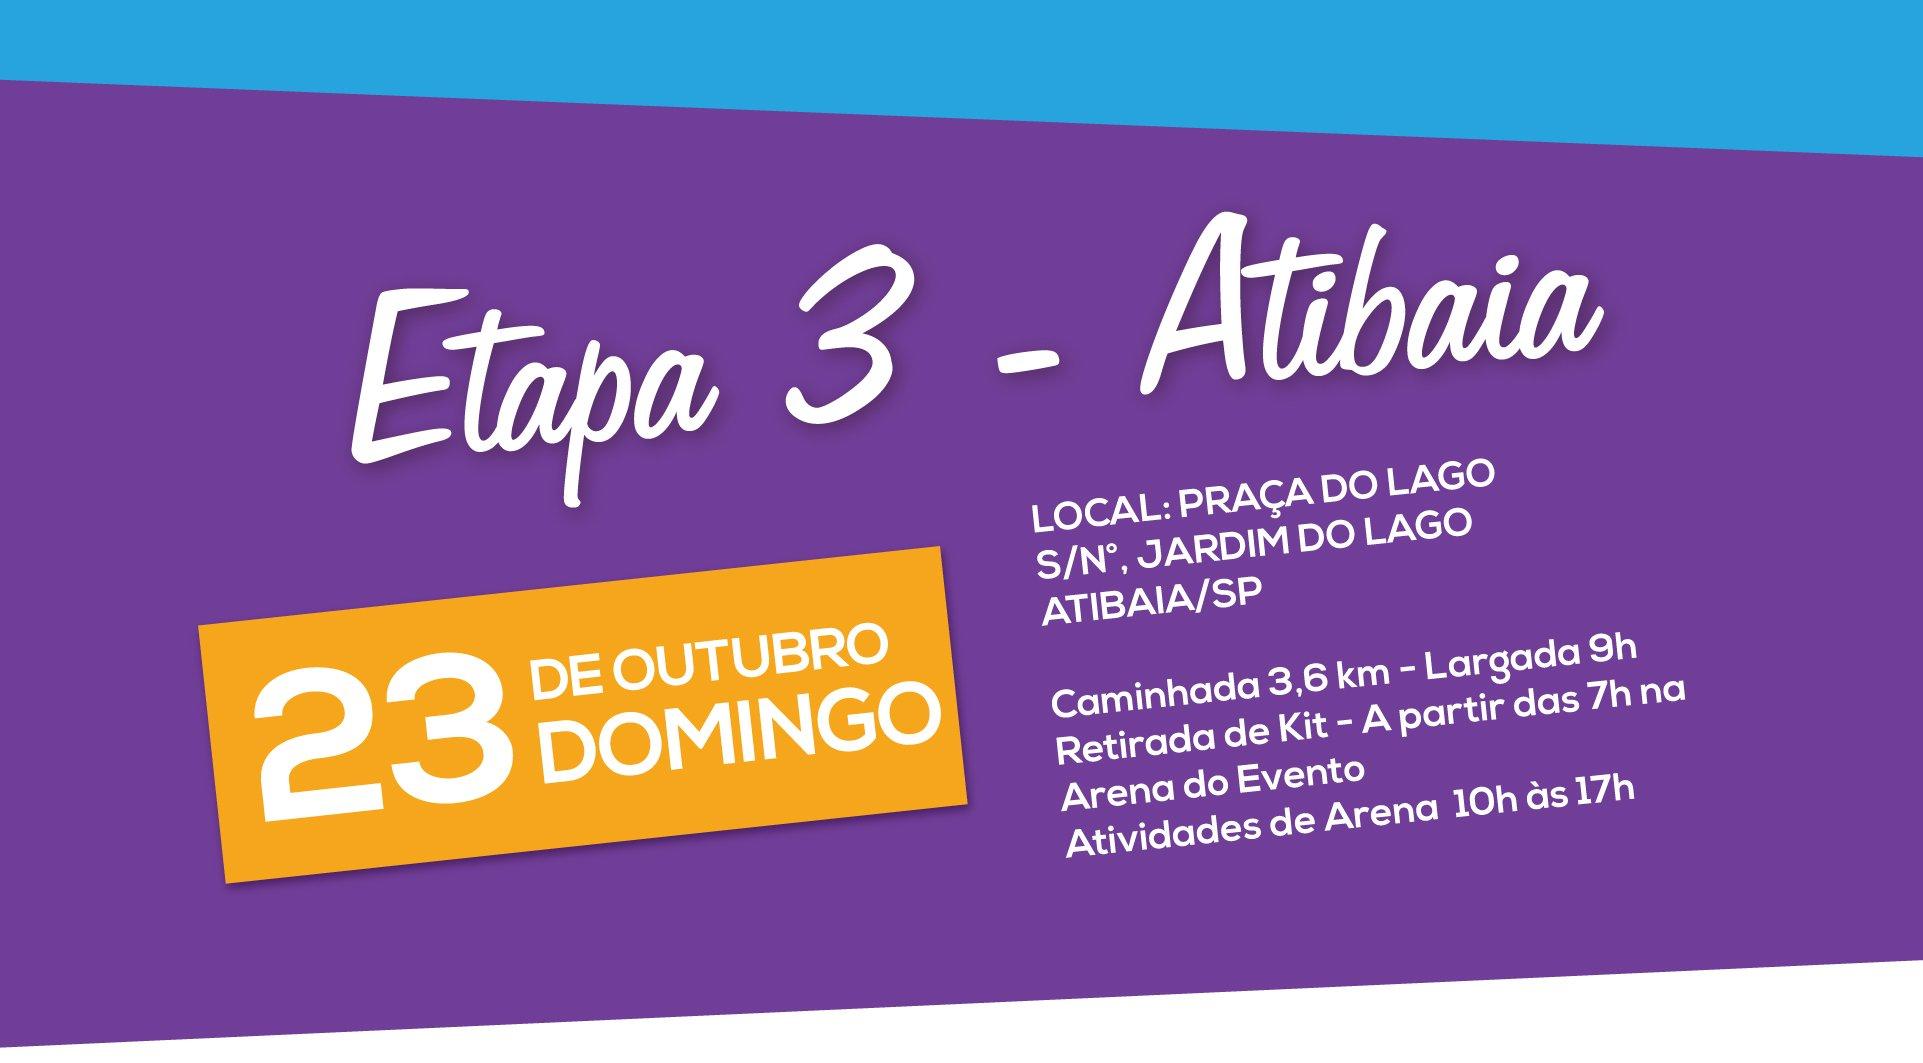 etapa-3